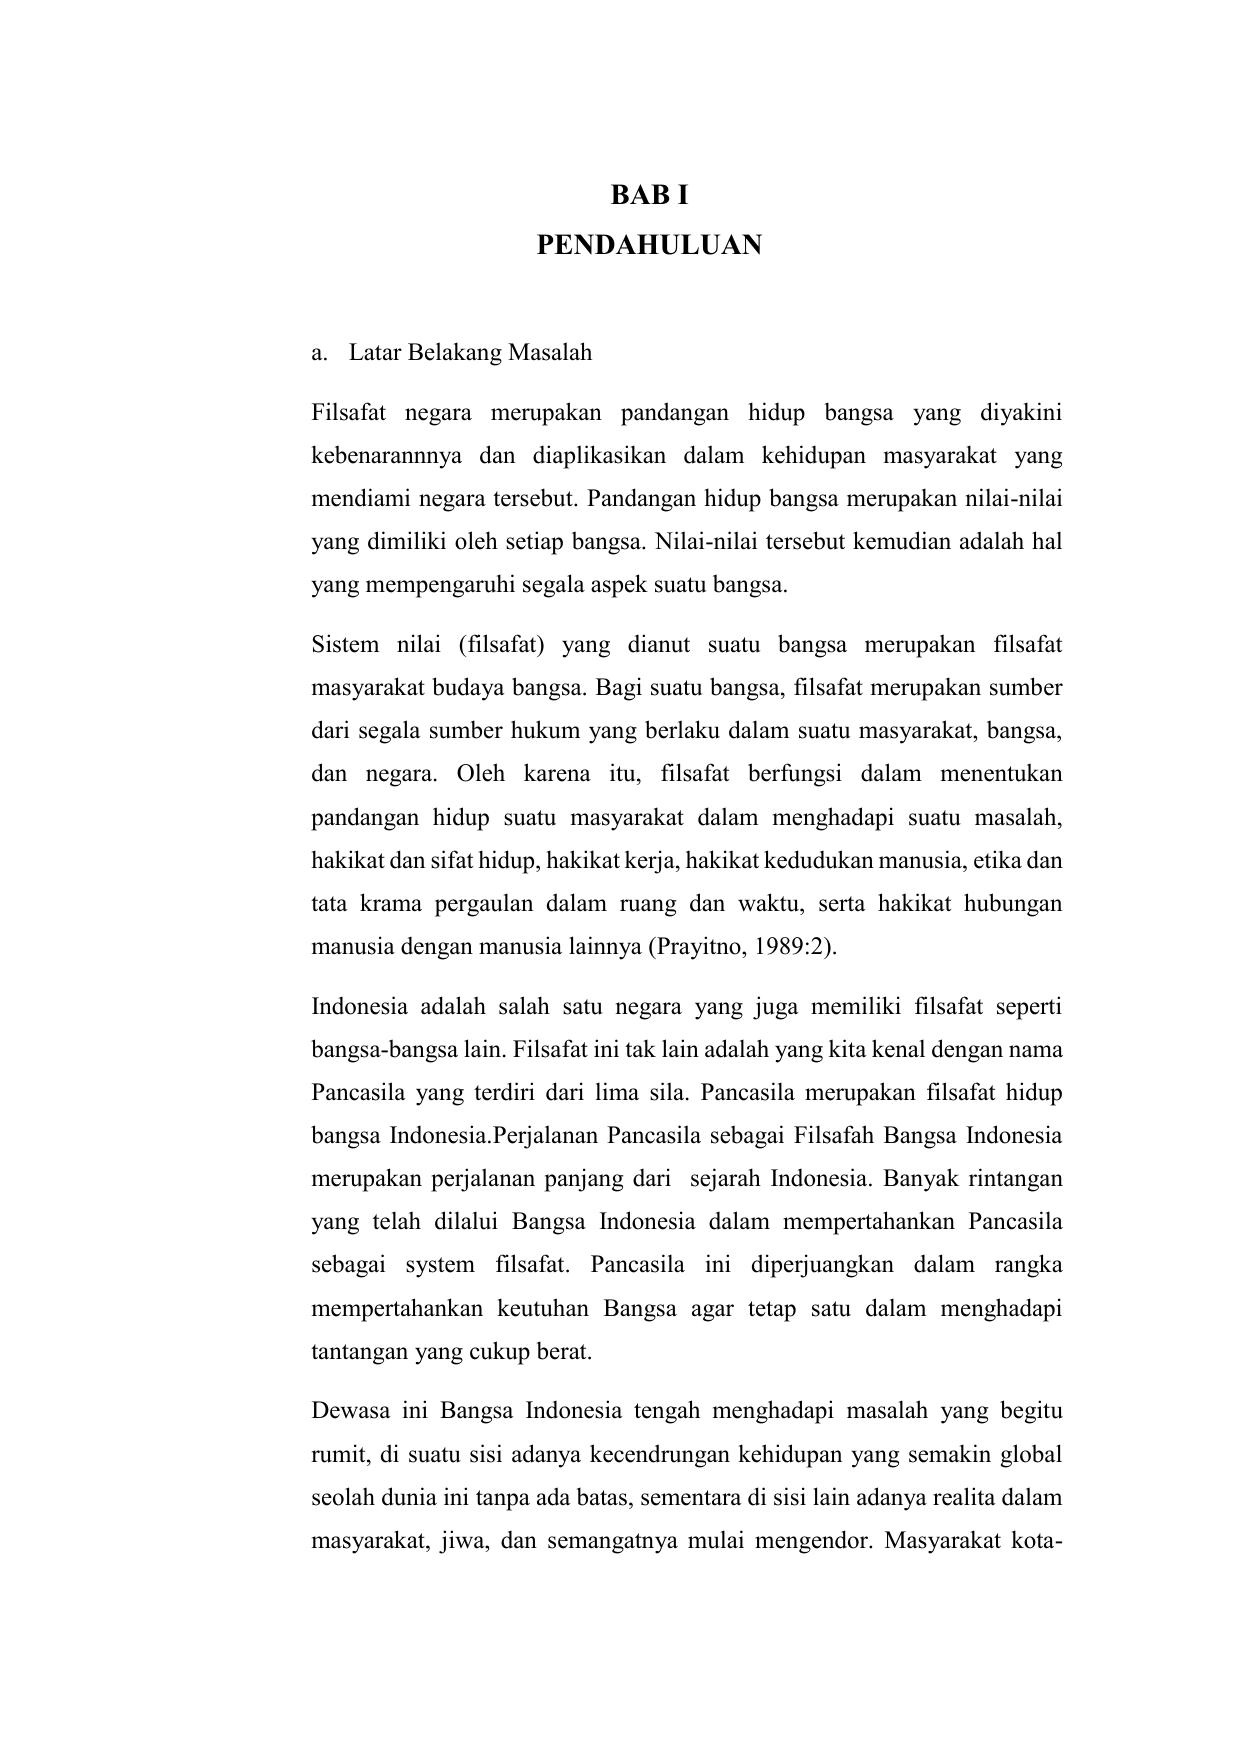 Makalah Pancasila Sebagai Dasar Filsafat Negara Indonesia